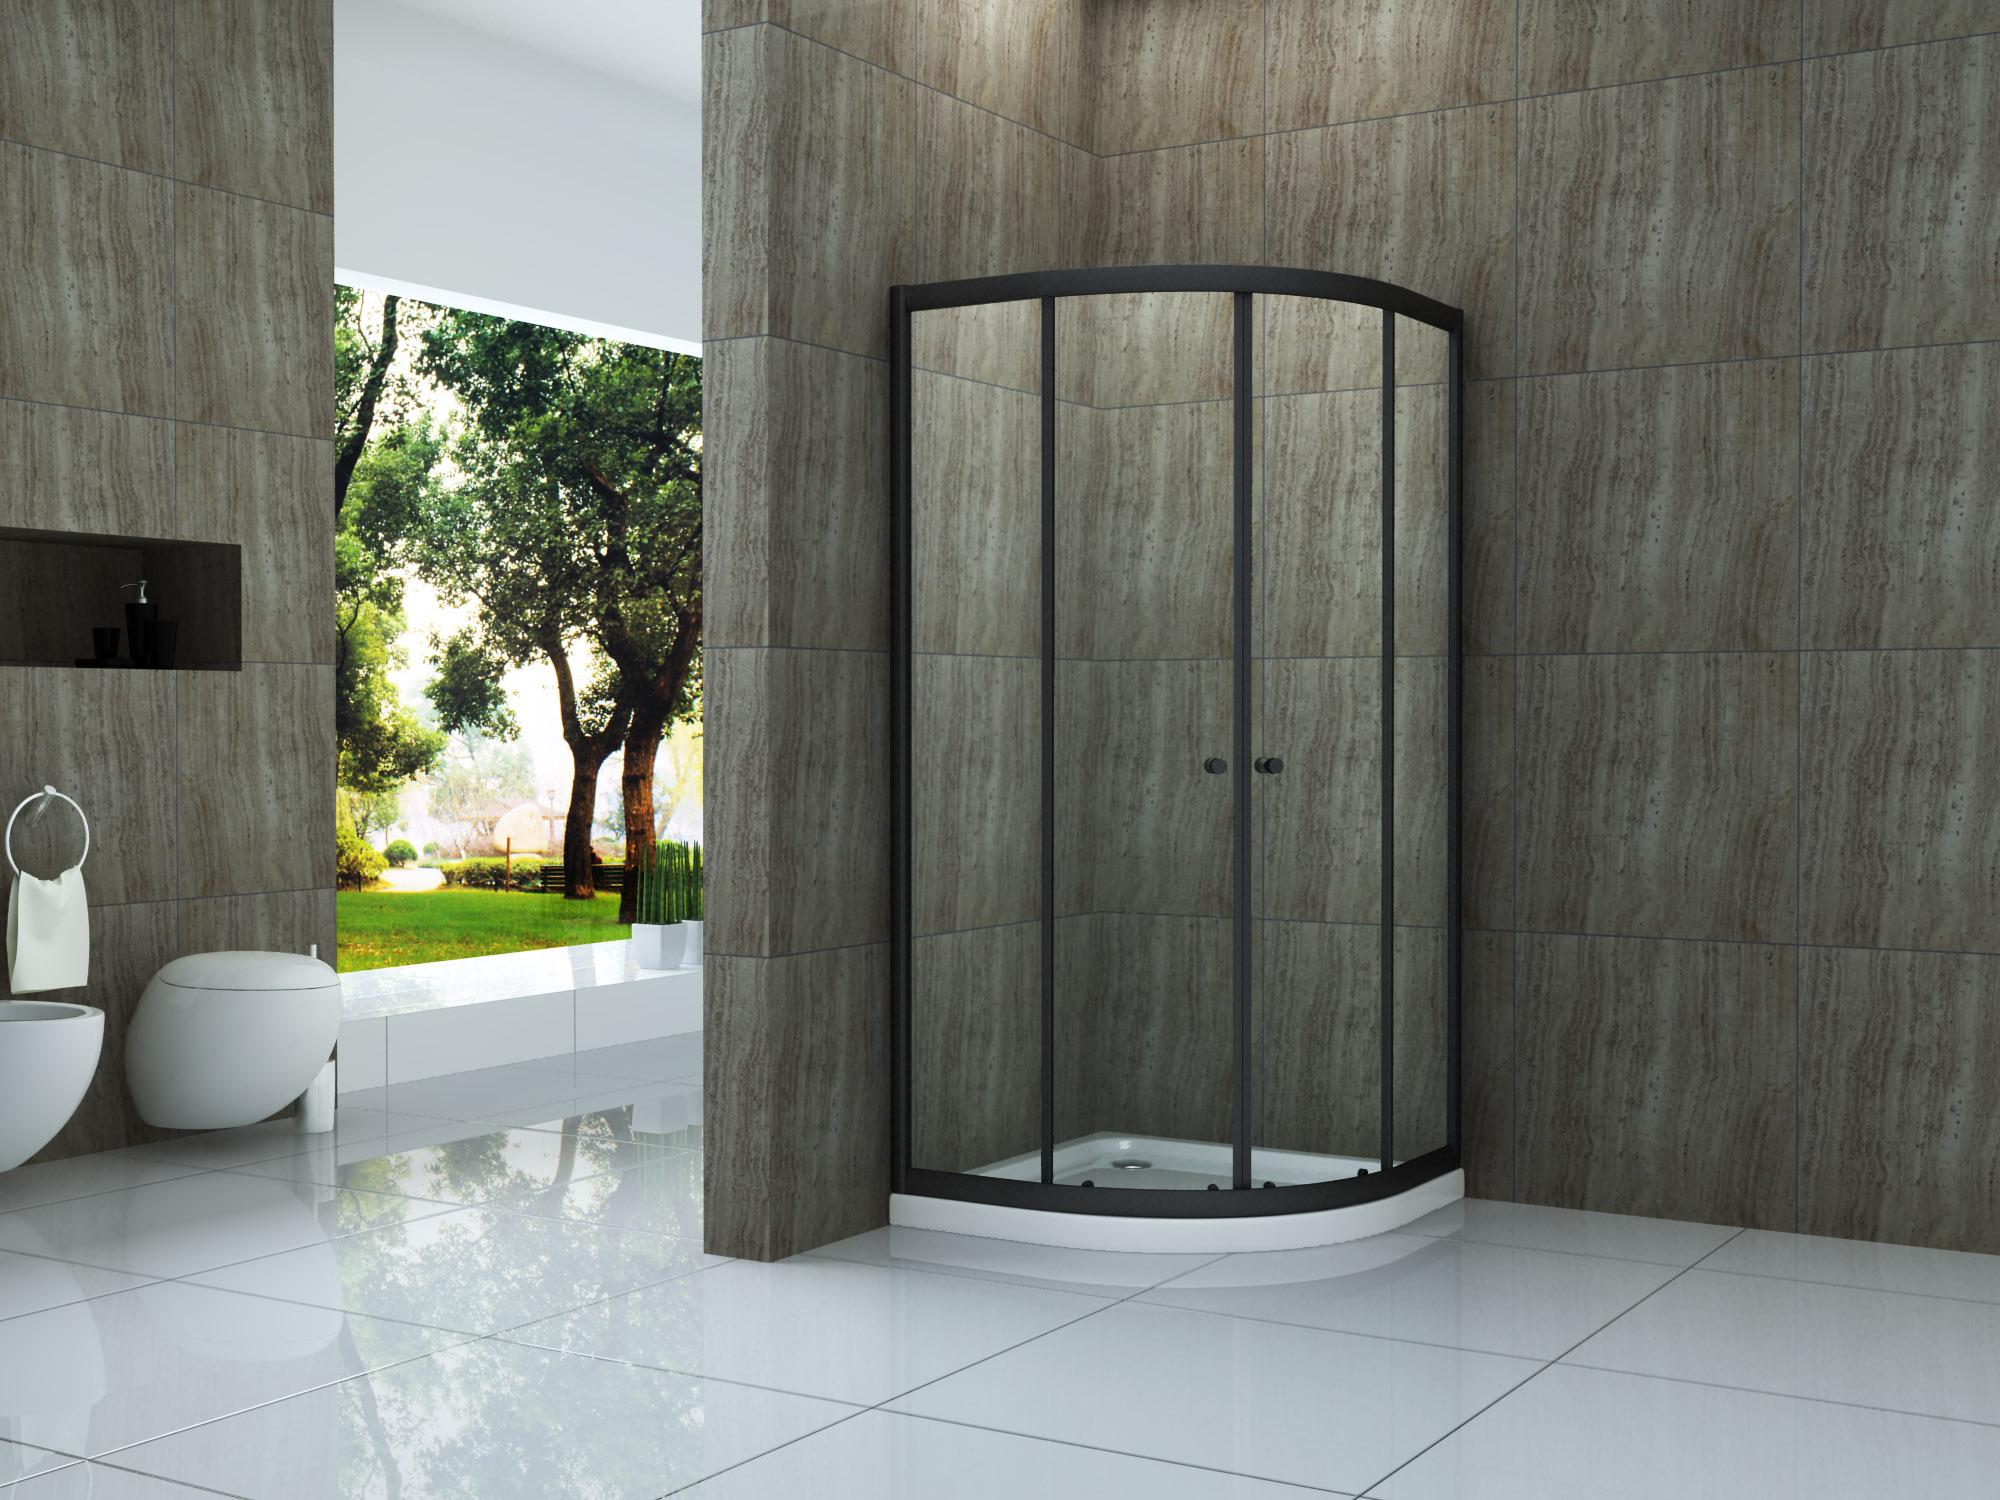 Duschkabine ST02 (schwarz) 80 x 80 x 190 cm ohne Duschtasse